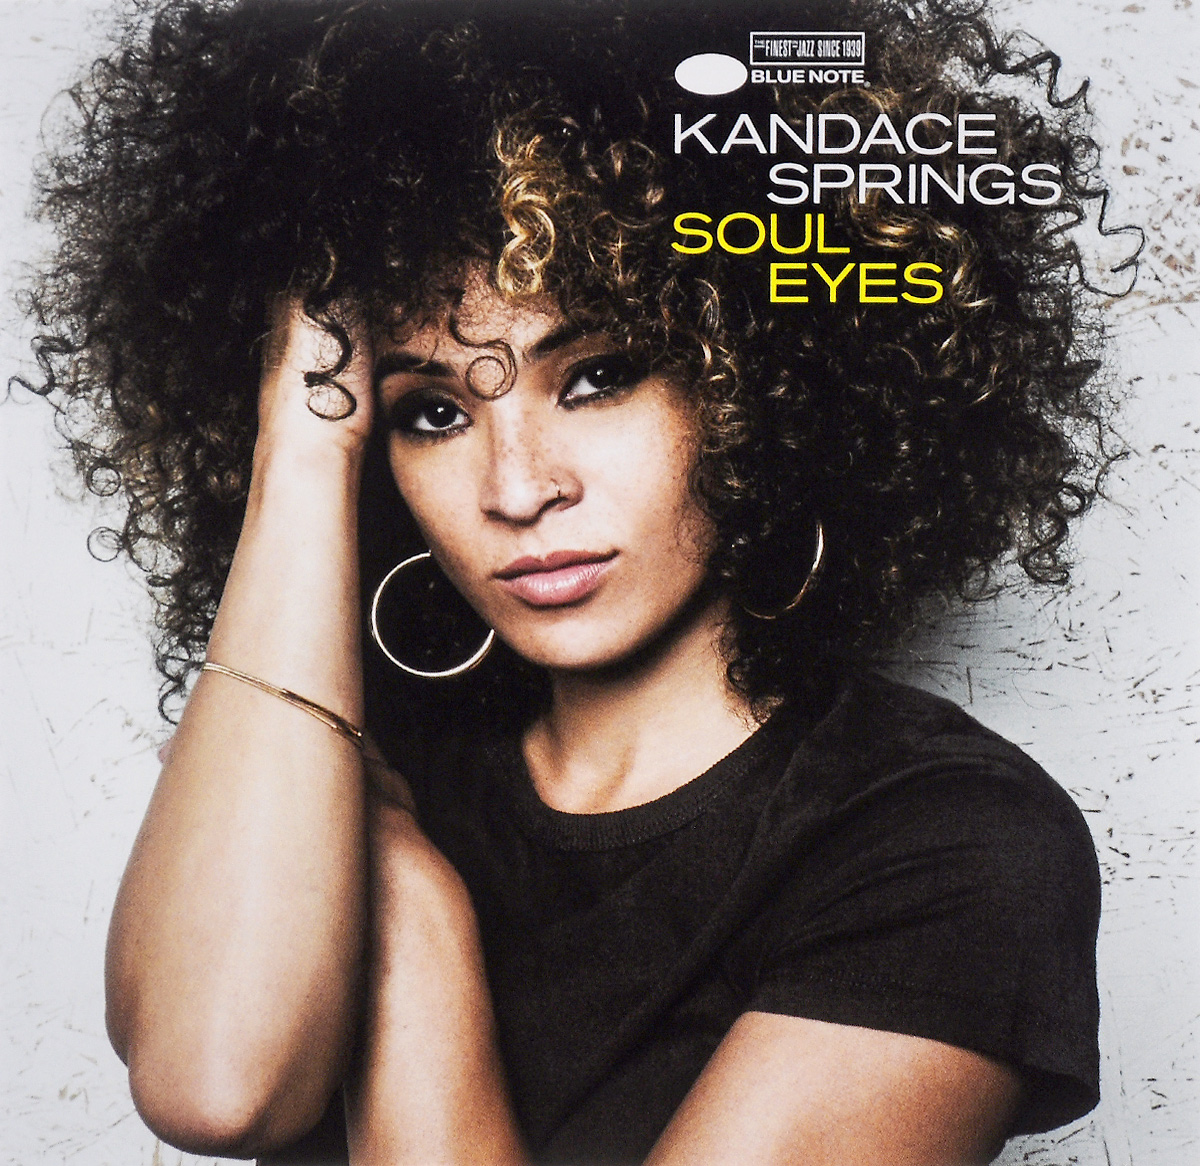 Kandace Springs. Soul Eyes